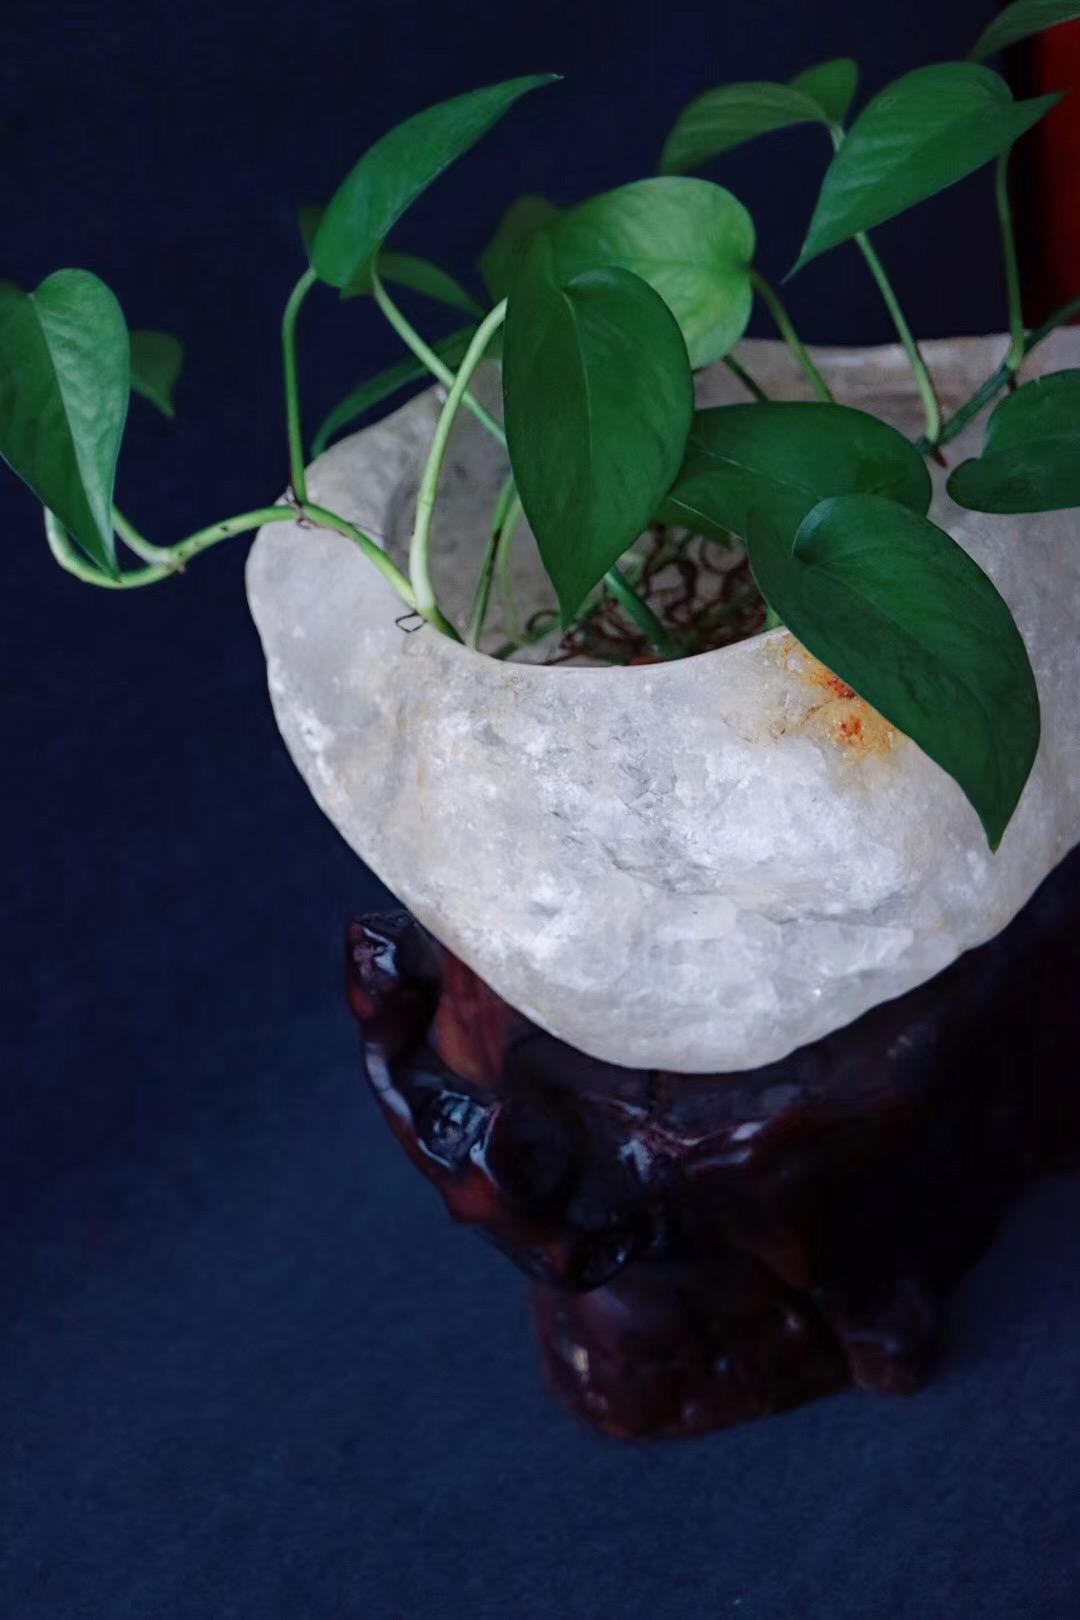 【菩心 | 白水晶聚宝盆】风水学上,天然水晶有风水石之称-菩心晶舍